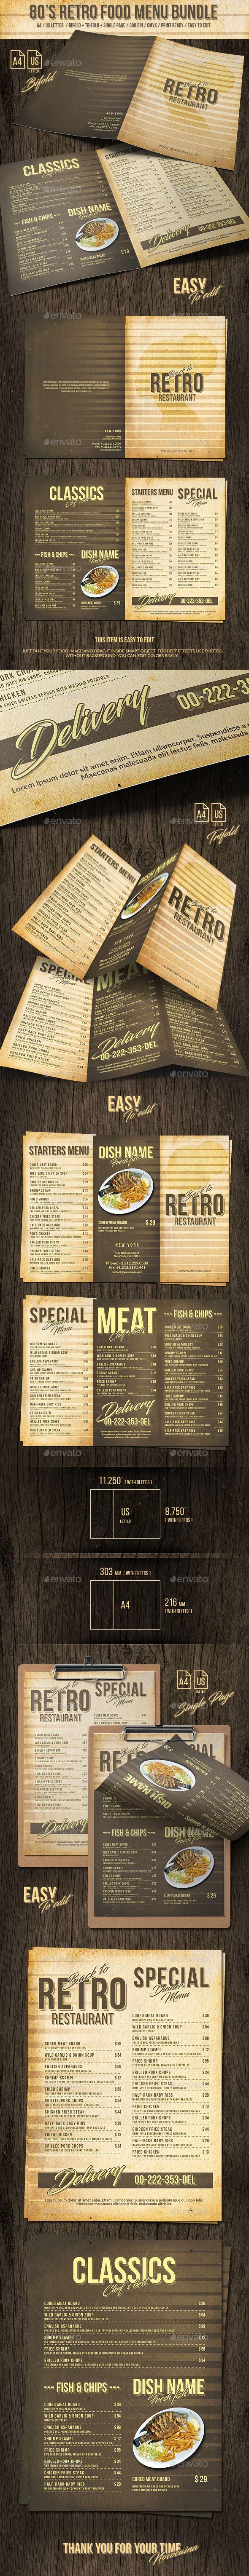 80s Retro Food Menu Bundle - A4 and US Letter